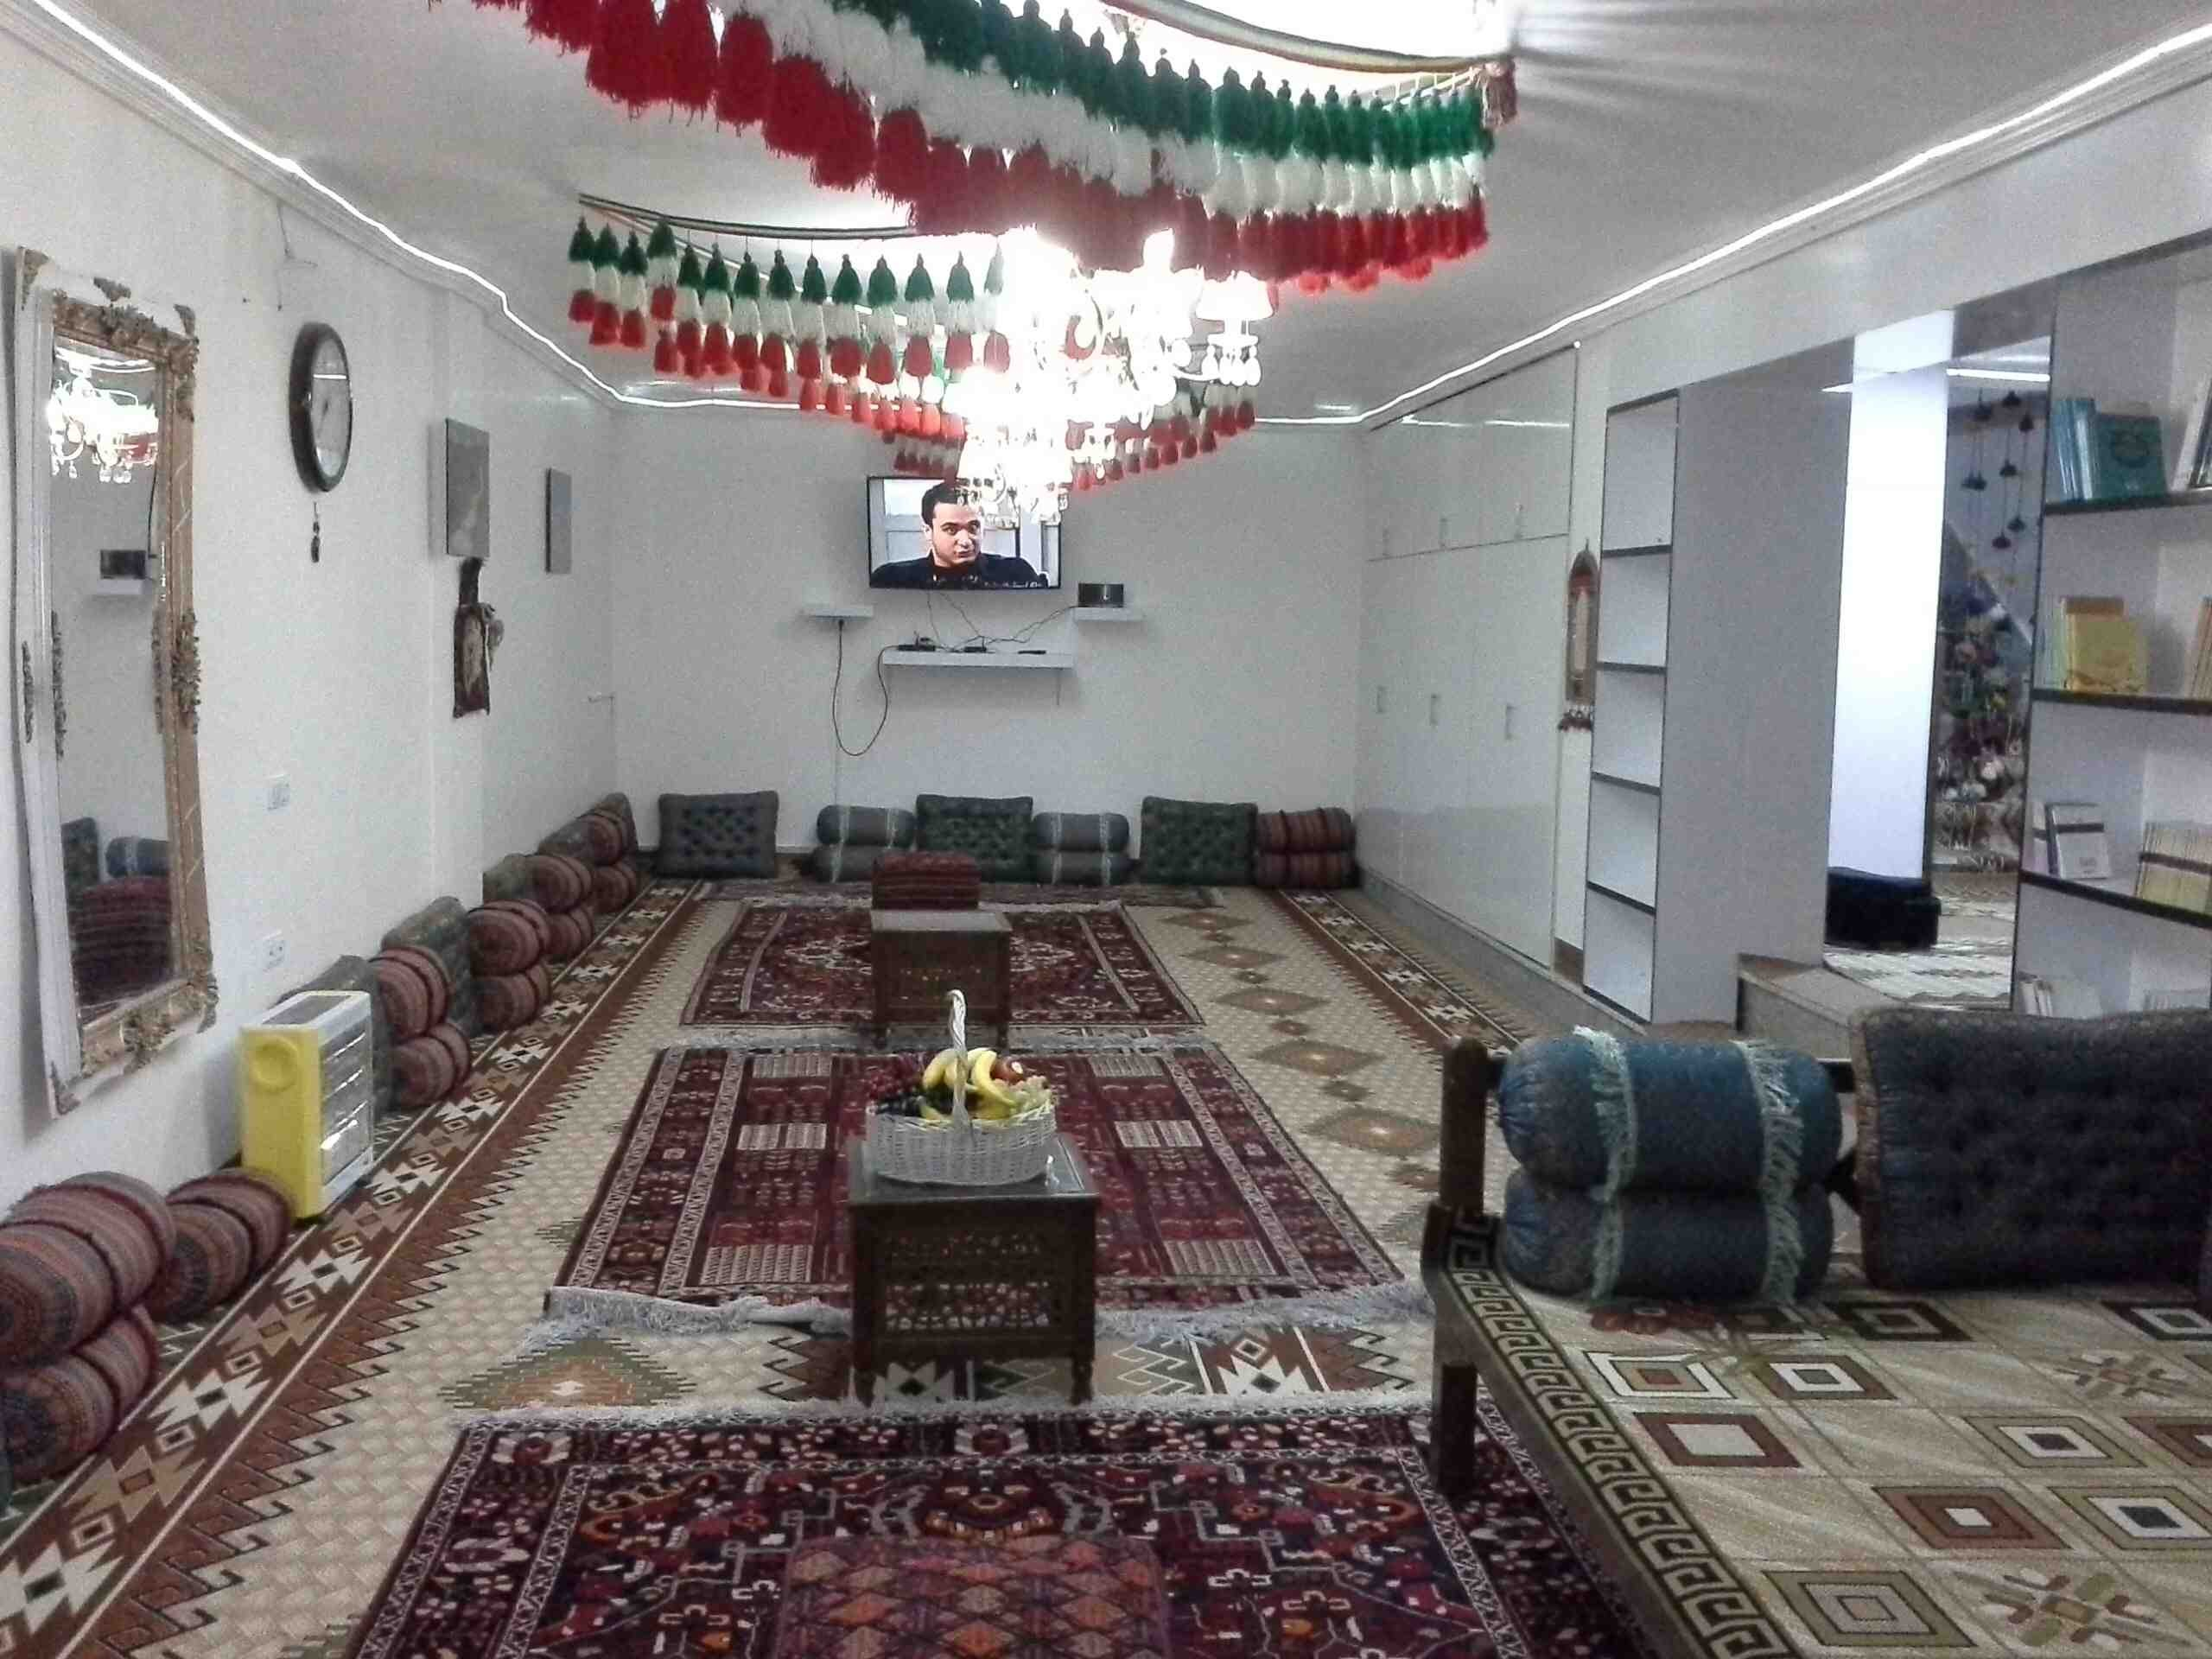 بوم گردی خانه اجاره ای تمیز در چلگرد - چشمه مروارید ویلای شماره 1